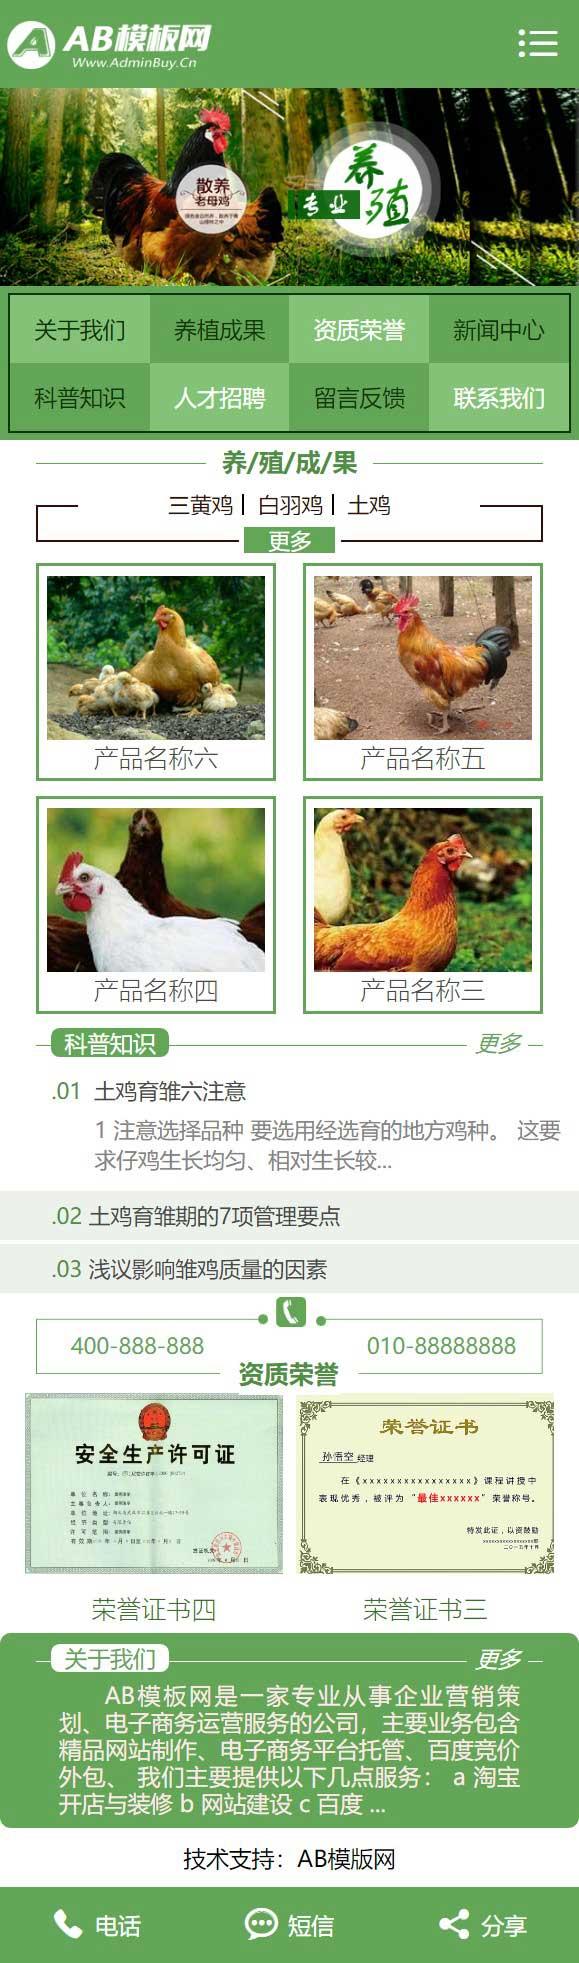 农业养殖农场企业网站织梦dede模板源码[带手机版数据同步]插图1